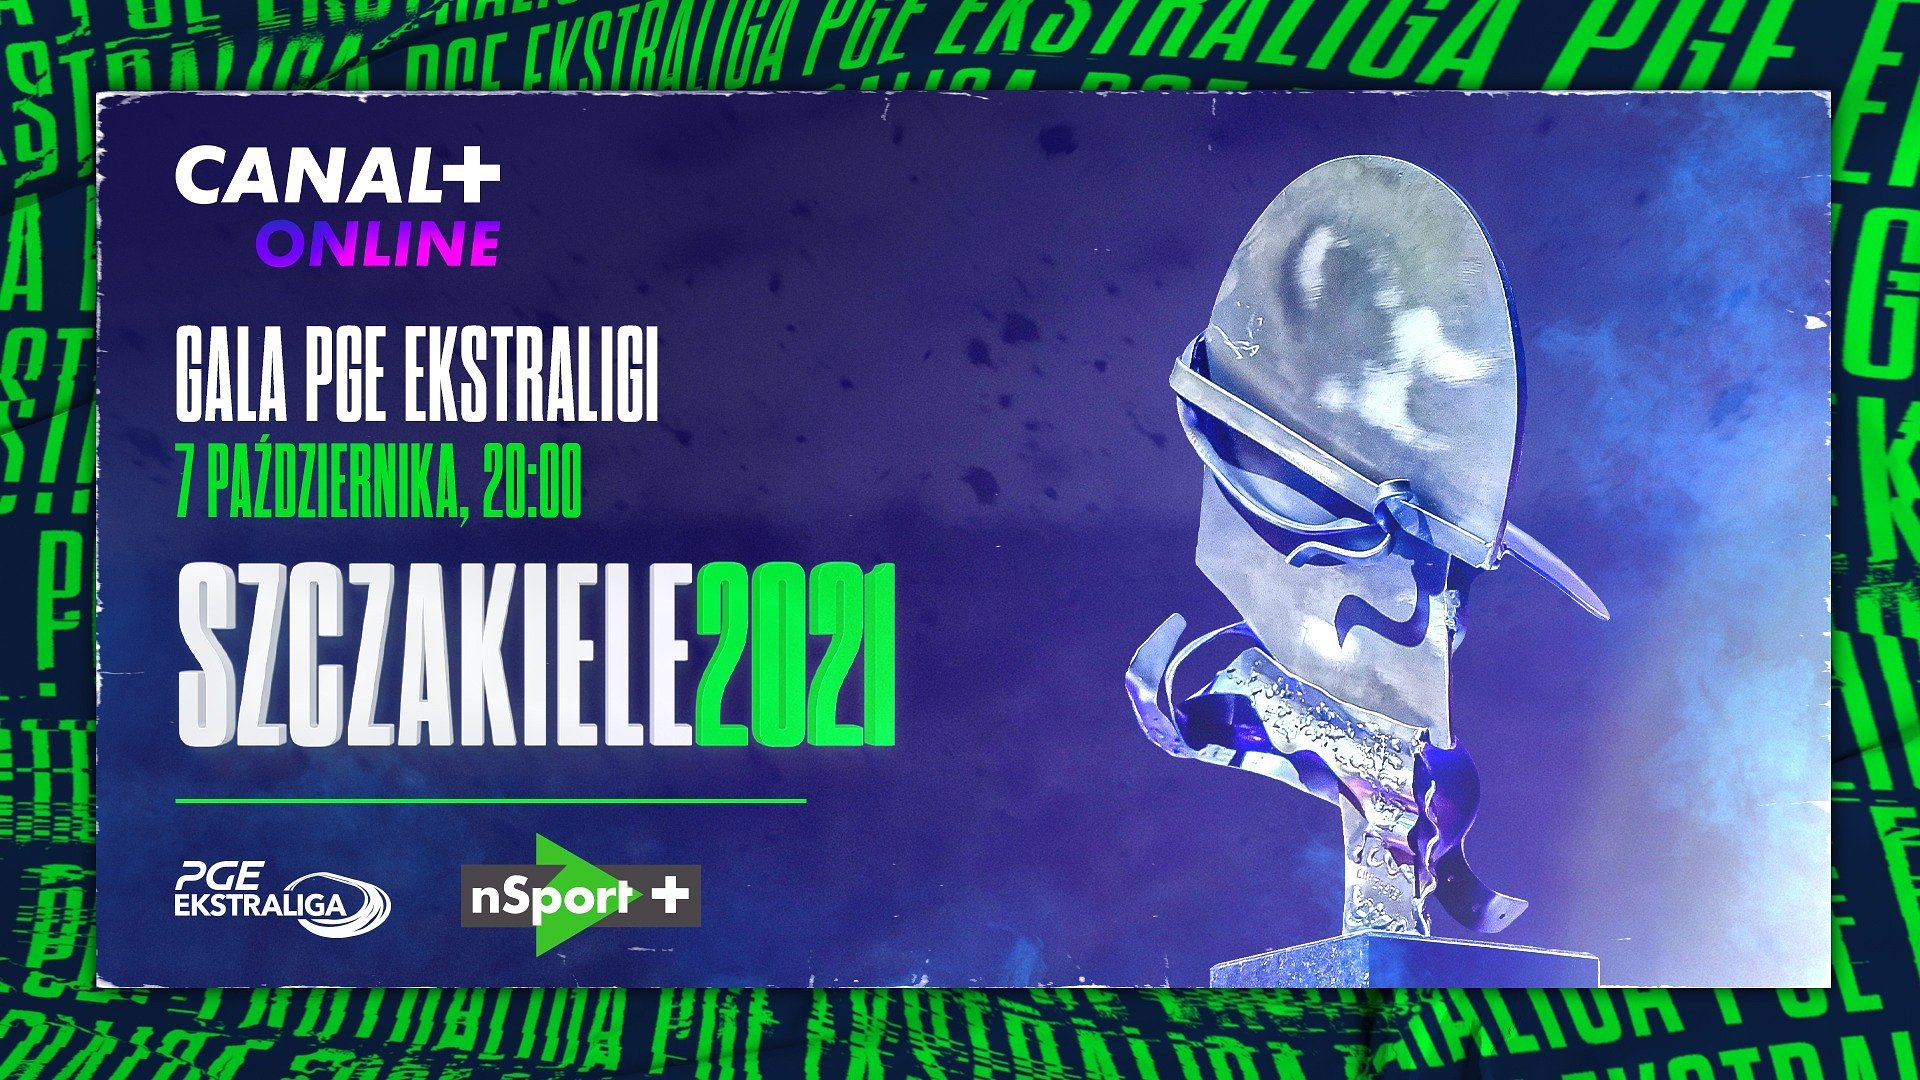 Gala PGE Ekstraligi - podsumowanie sezonu 2021 tylko w nSport+ i CANAL+ online